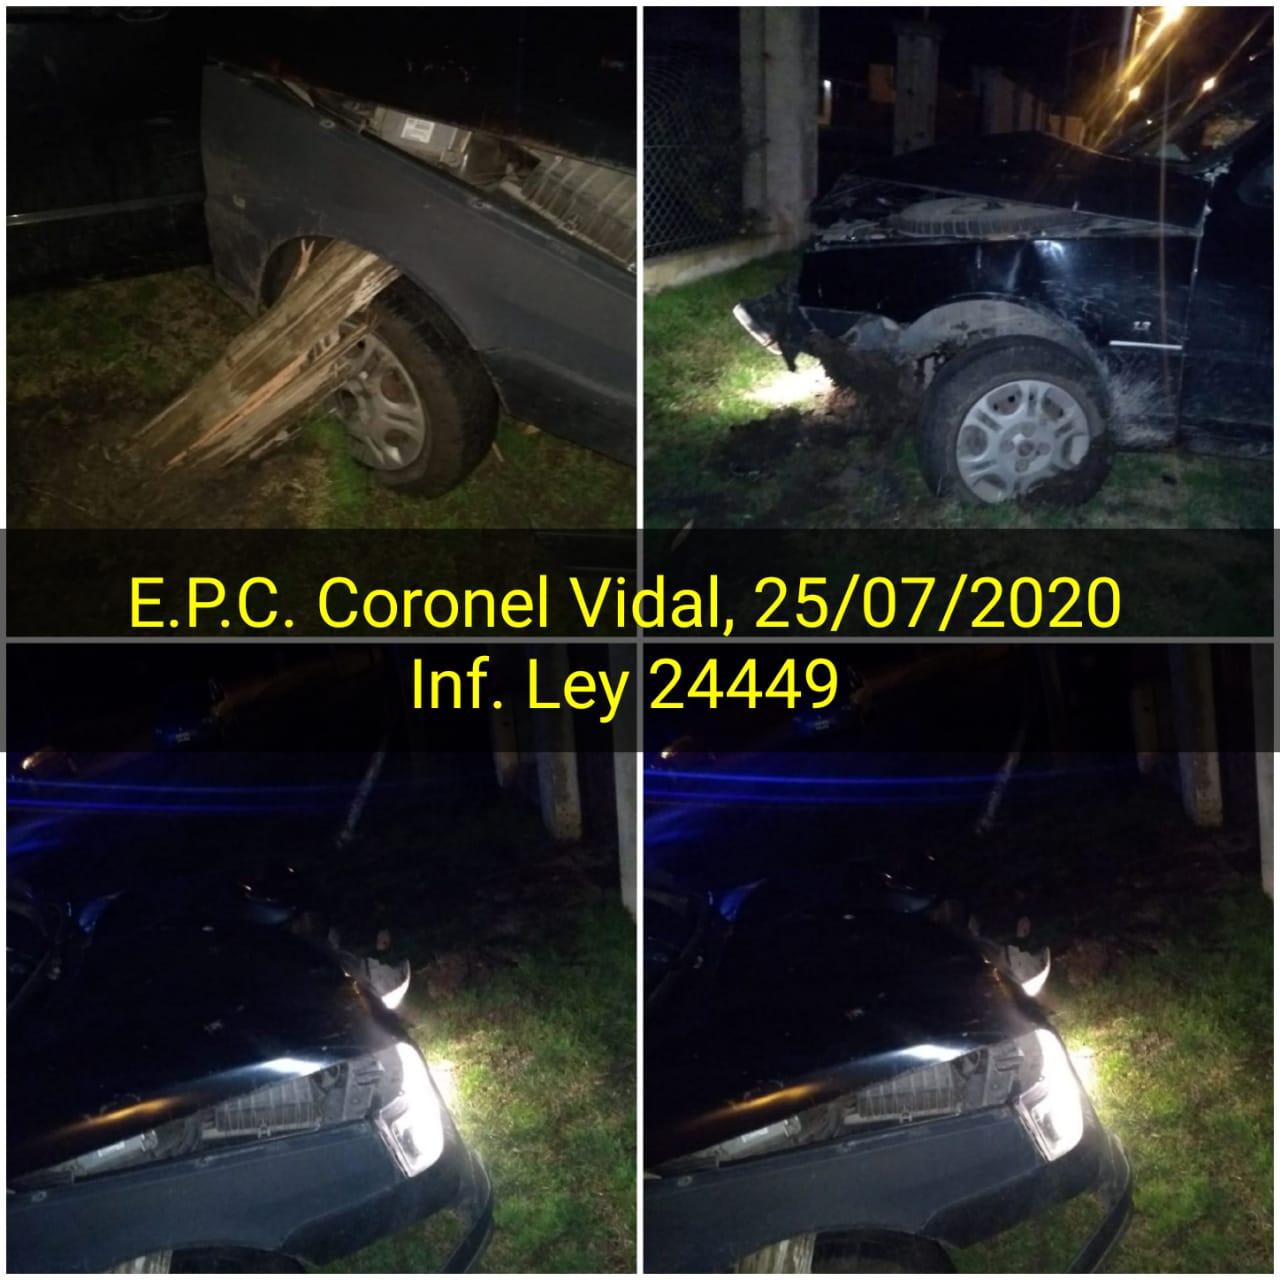 CNEL VIDAL: Manejaba con licencia vencida hace más de un año, sin seguro y chocó contra un poste de energía eléctrica